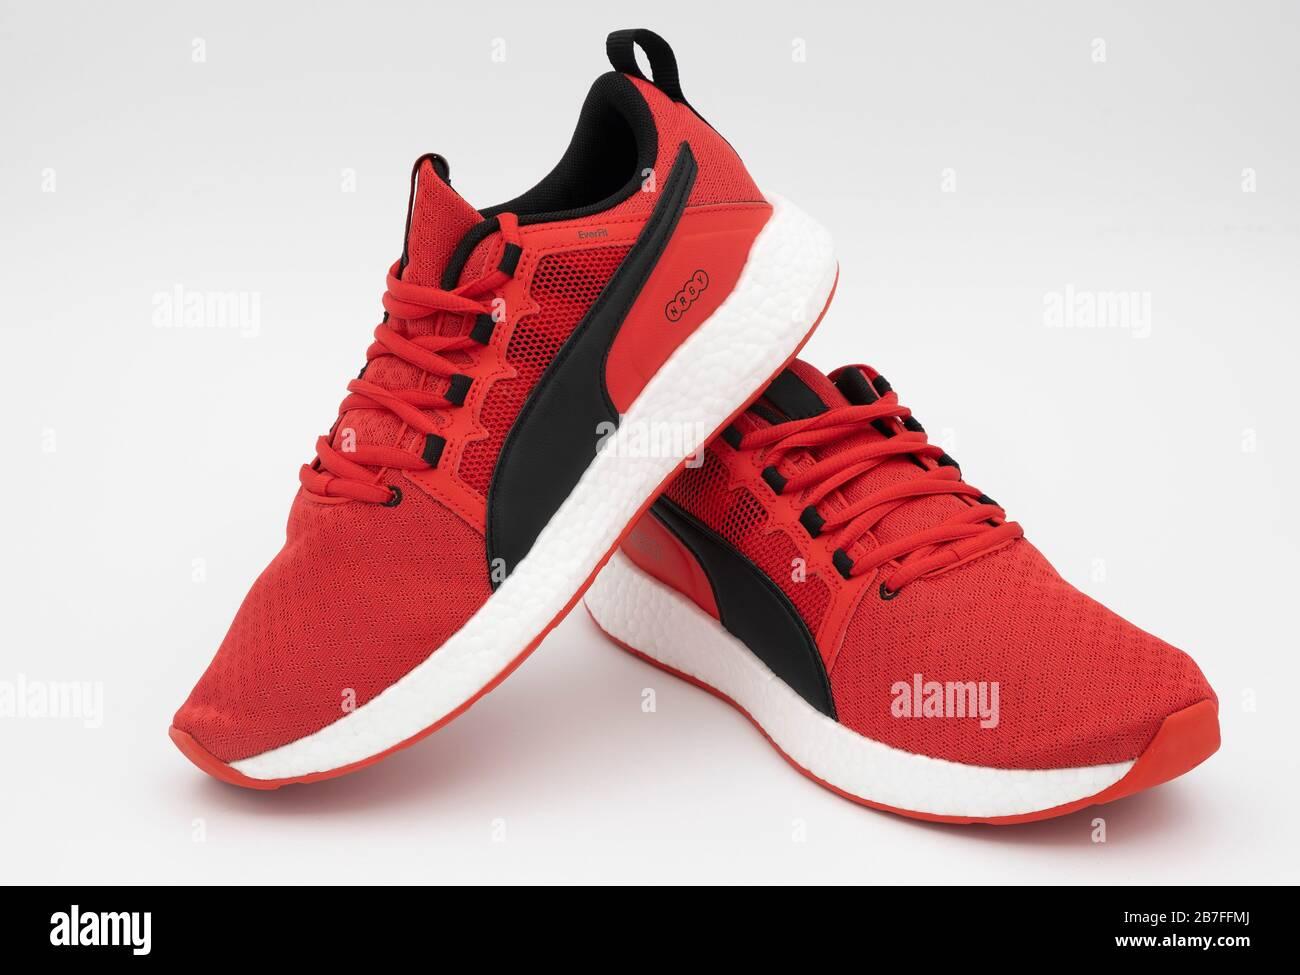 Puma Sneakers Stockfotos und bilder Kaufen Alamy